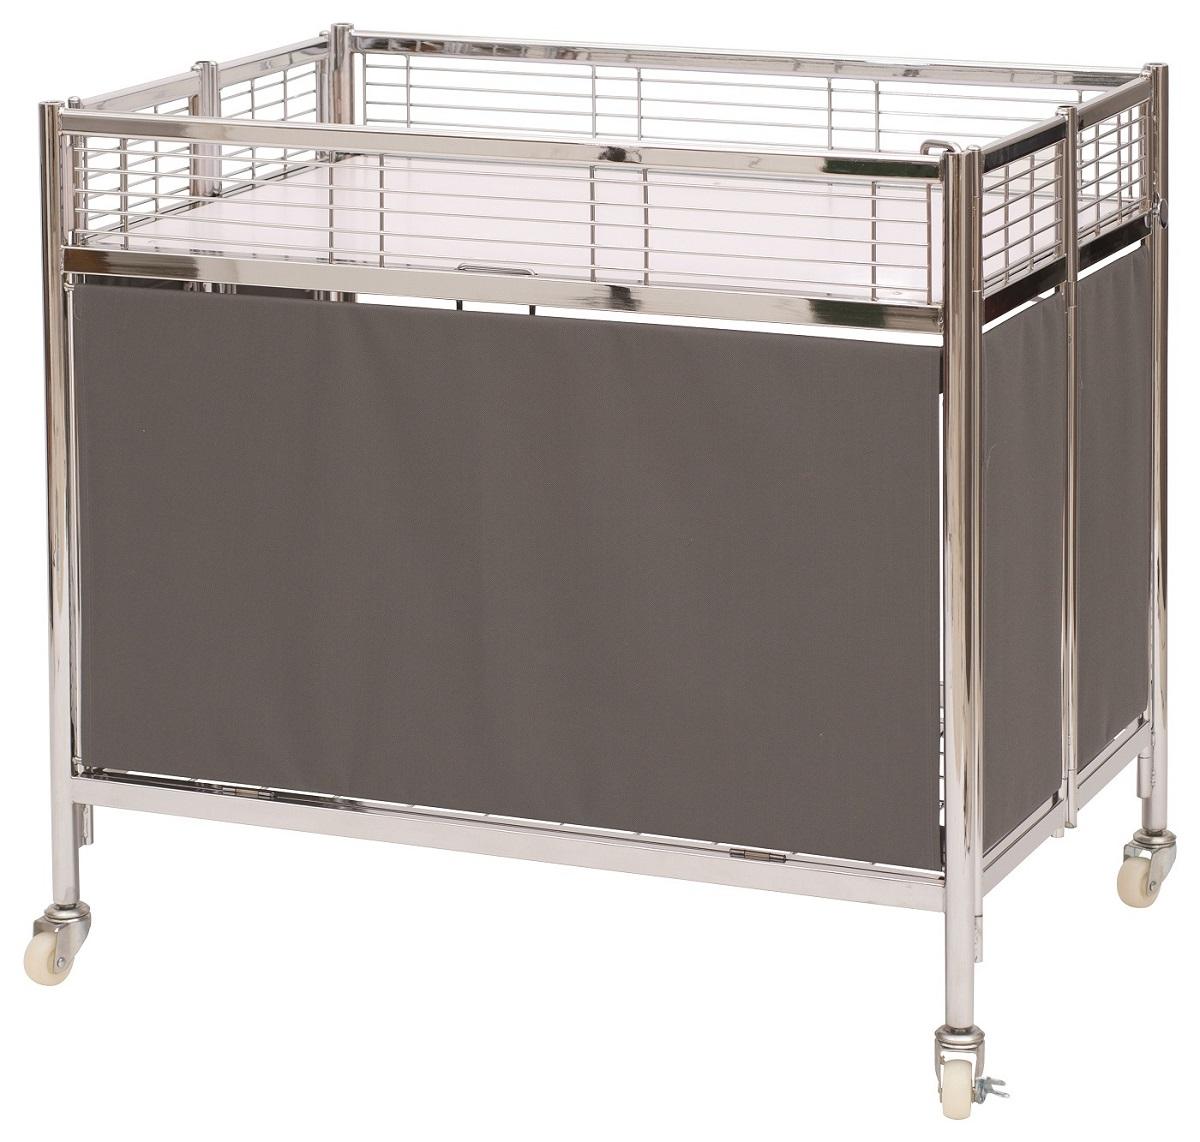 【送料無料!】中折れ式ワゴンW900【グレー】催事などでご使用頂けるテントワゴンです♪折り畳んでコンパクトに!便利な収納棚つき!※お急ぎの際はご注文前に一度在庫をお問い合わせ下さい。